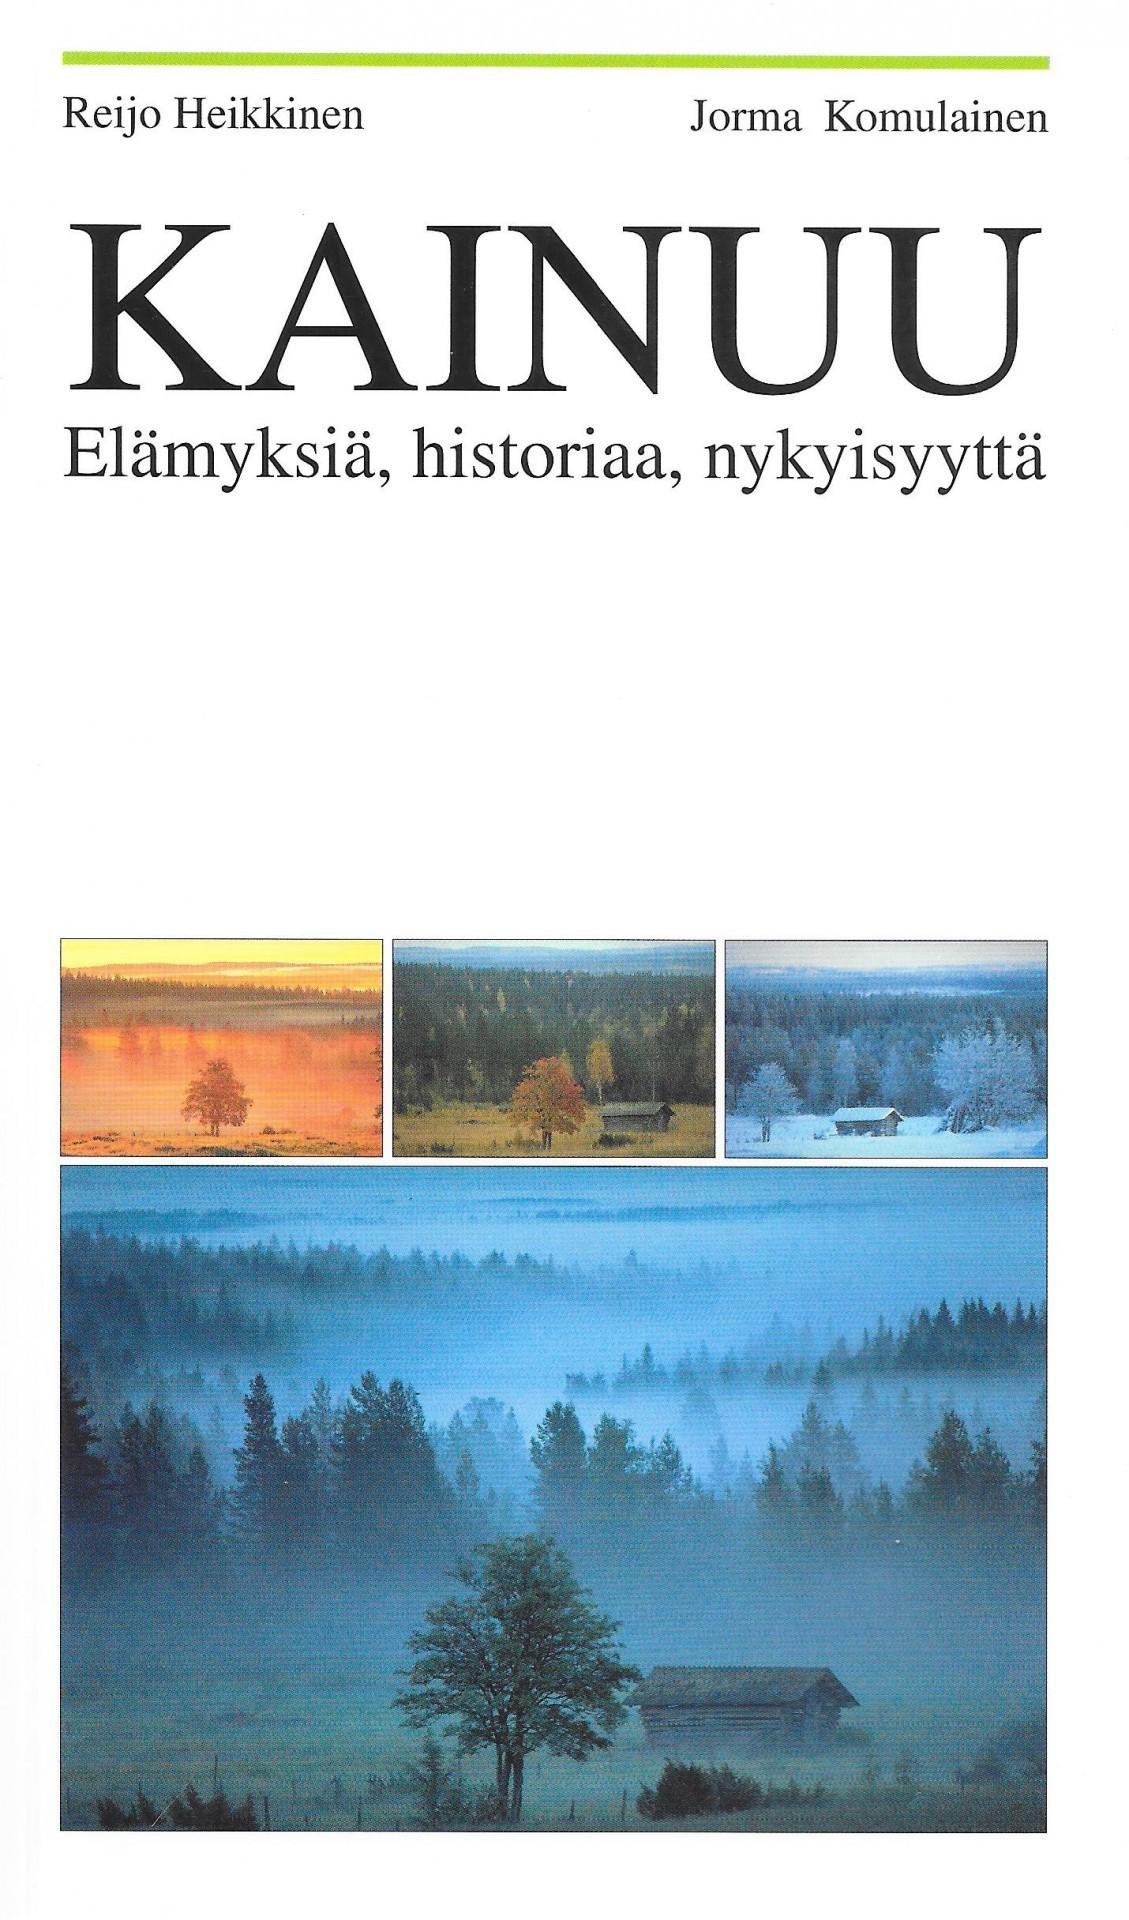 Kainuu - elämyksiä, historiaa, nykyisyyttä 1999